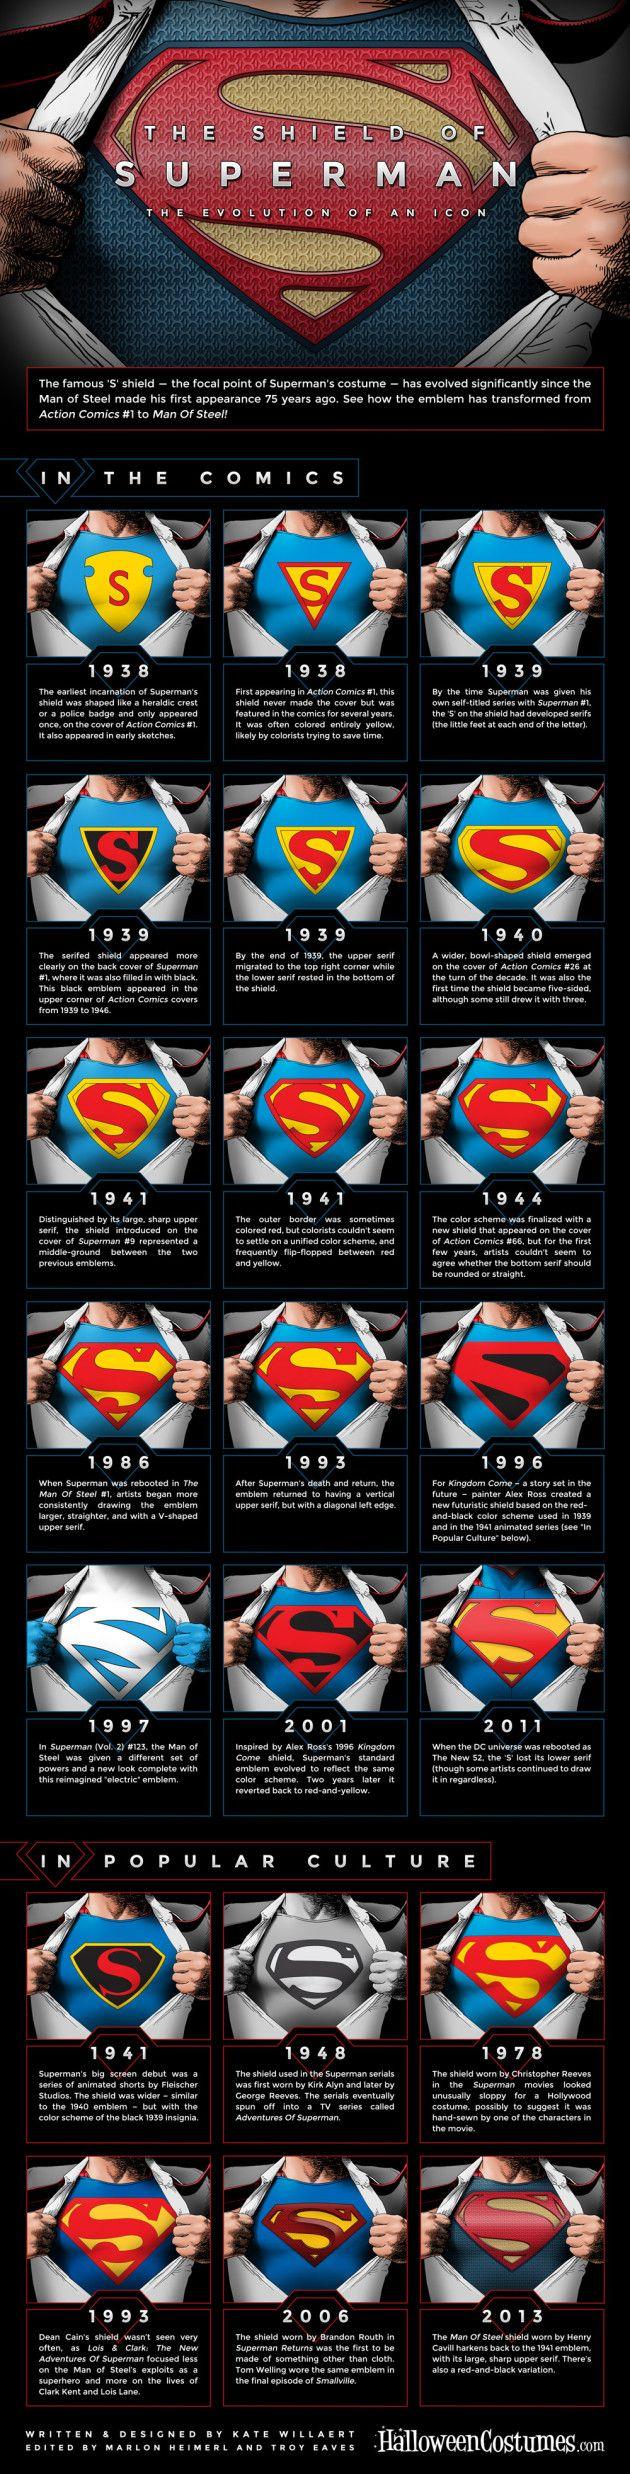 Infografik: Die Evolution des Superman-Logos in 75 Jahren #Superman #Infographic #ManOfSteel